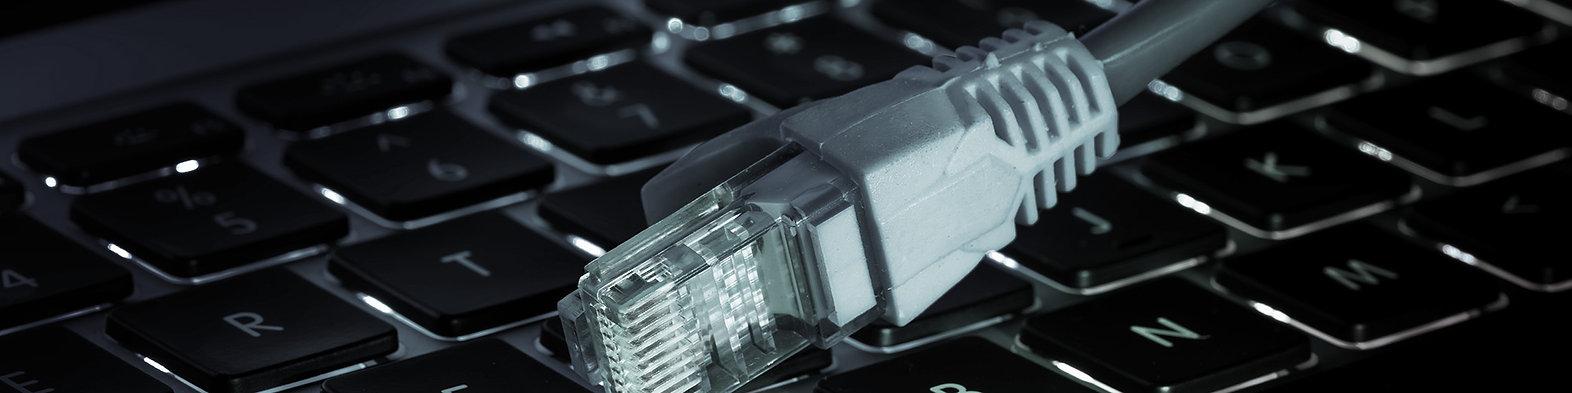 """Headerbild der Stellenanzeige """"Systemadministration"""" bei der IT-Firma TECXIPIO in Karlsruhe. Auf dem Bild erkennt man ein Netzwerkkabel, das auf einer Tastatur liegt"""